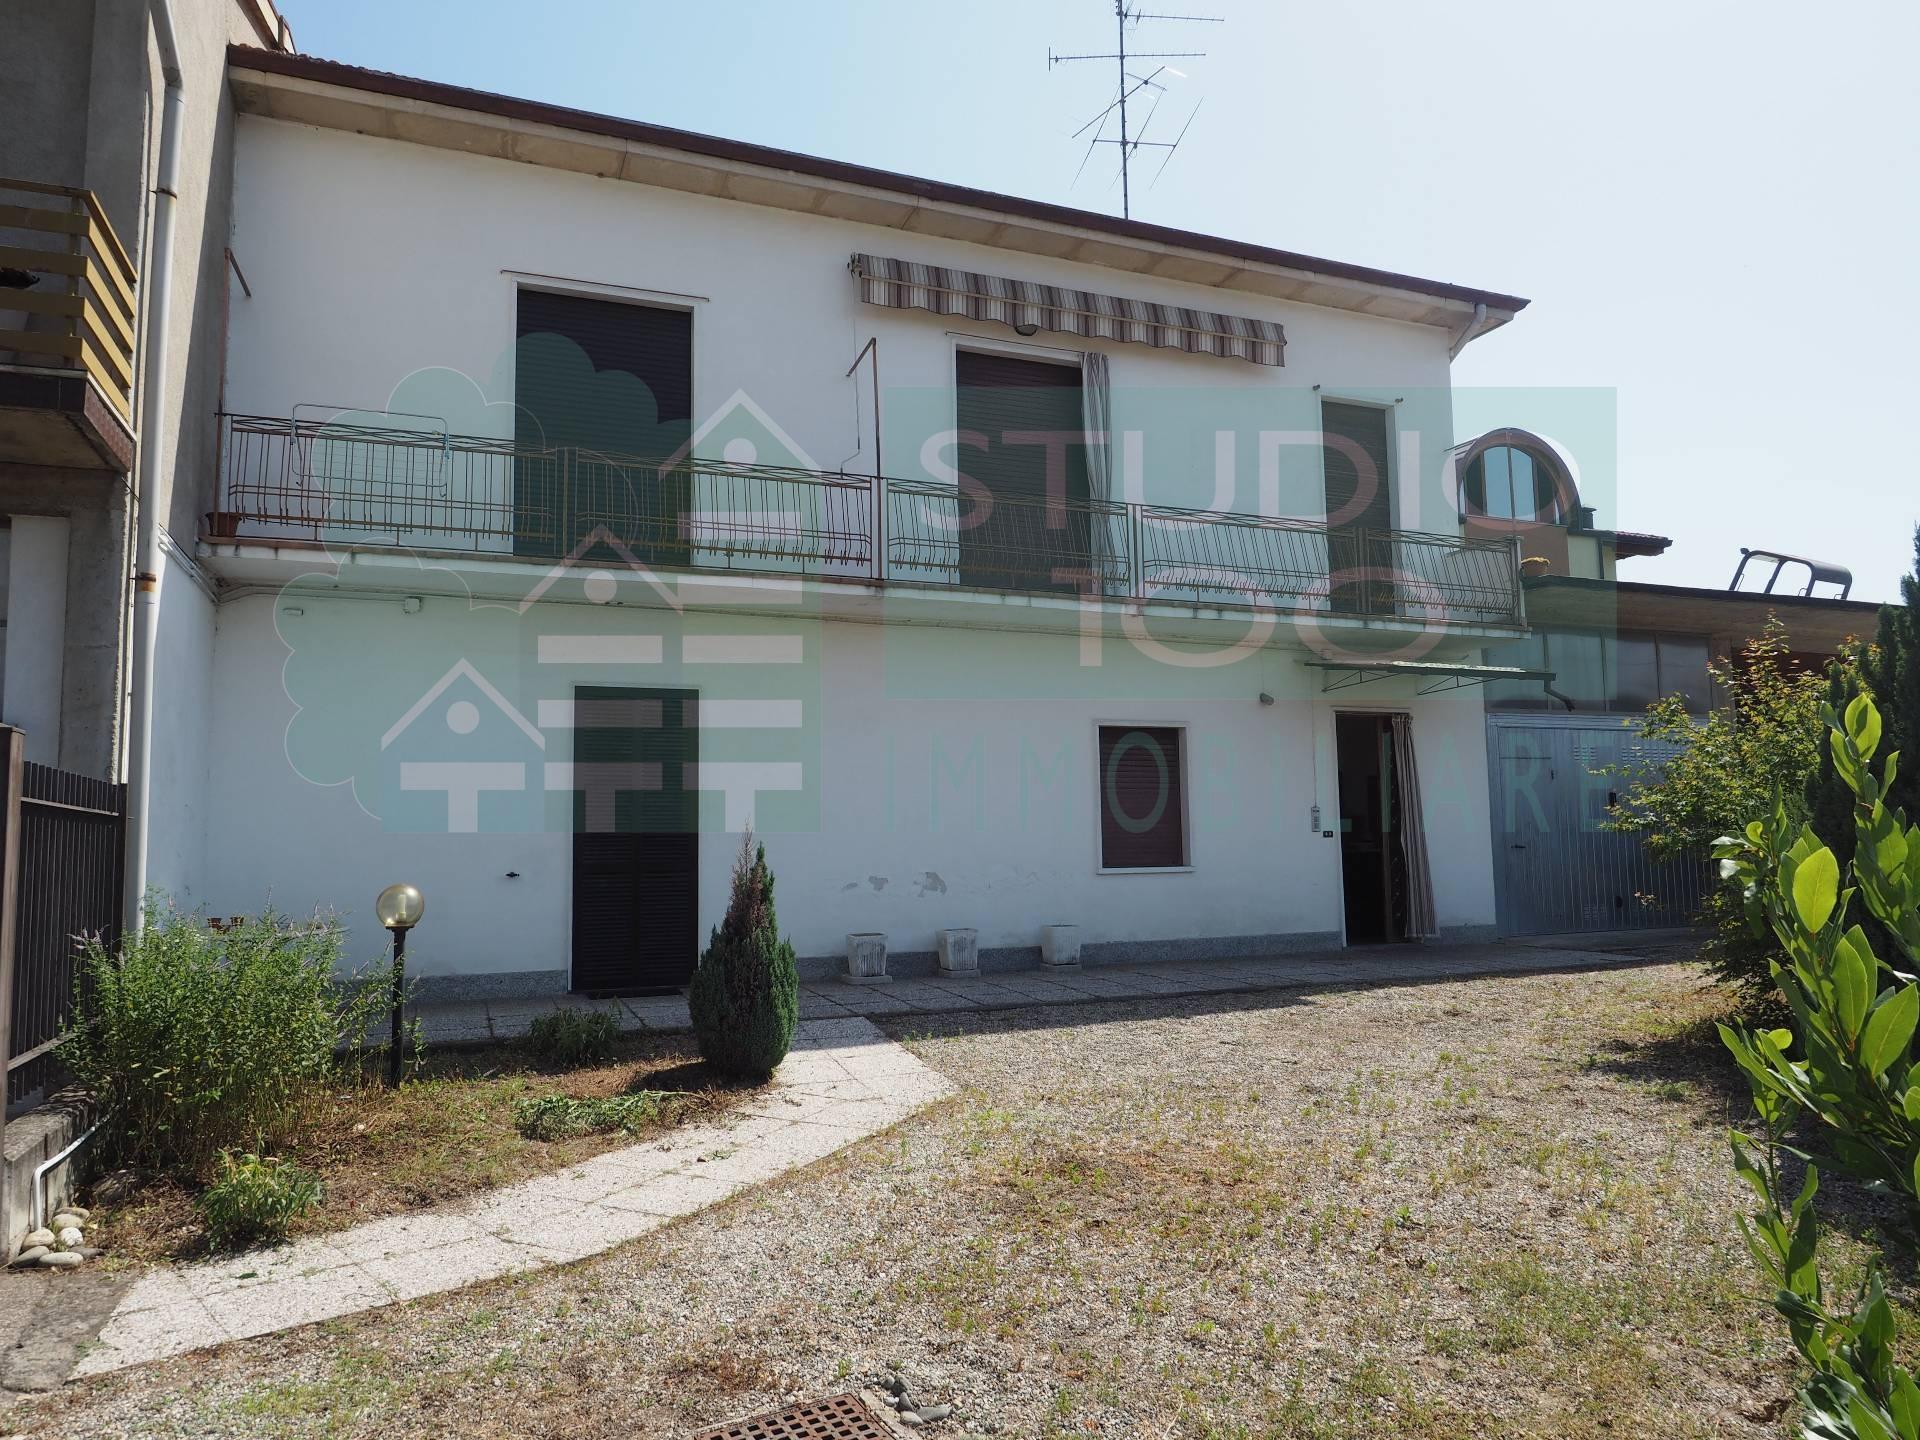 Soluzione Indipendente in vendita a Casorate Sempione, 5 locali, prezzo € 98.000 | CambioCasa.it